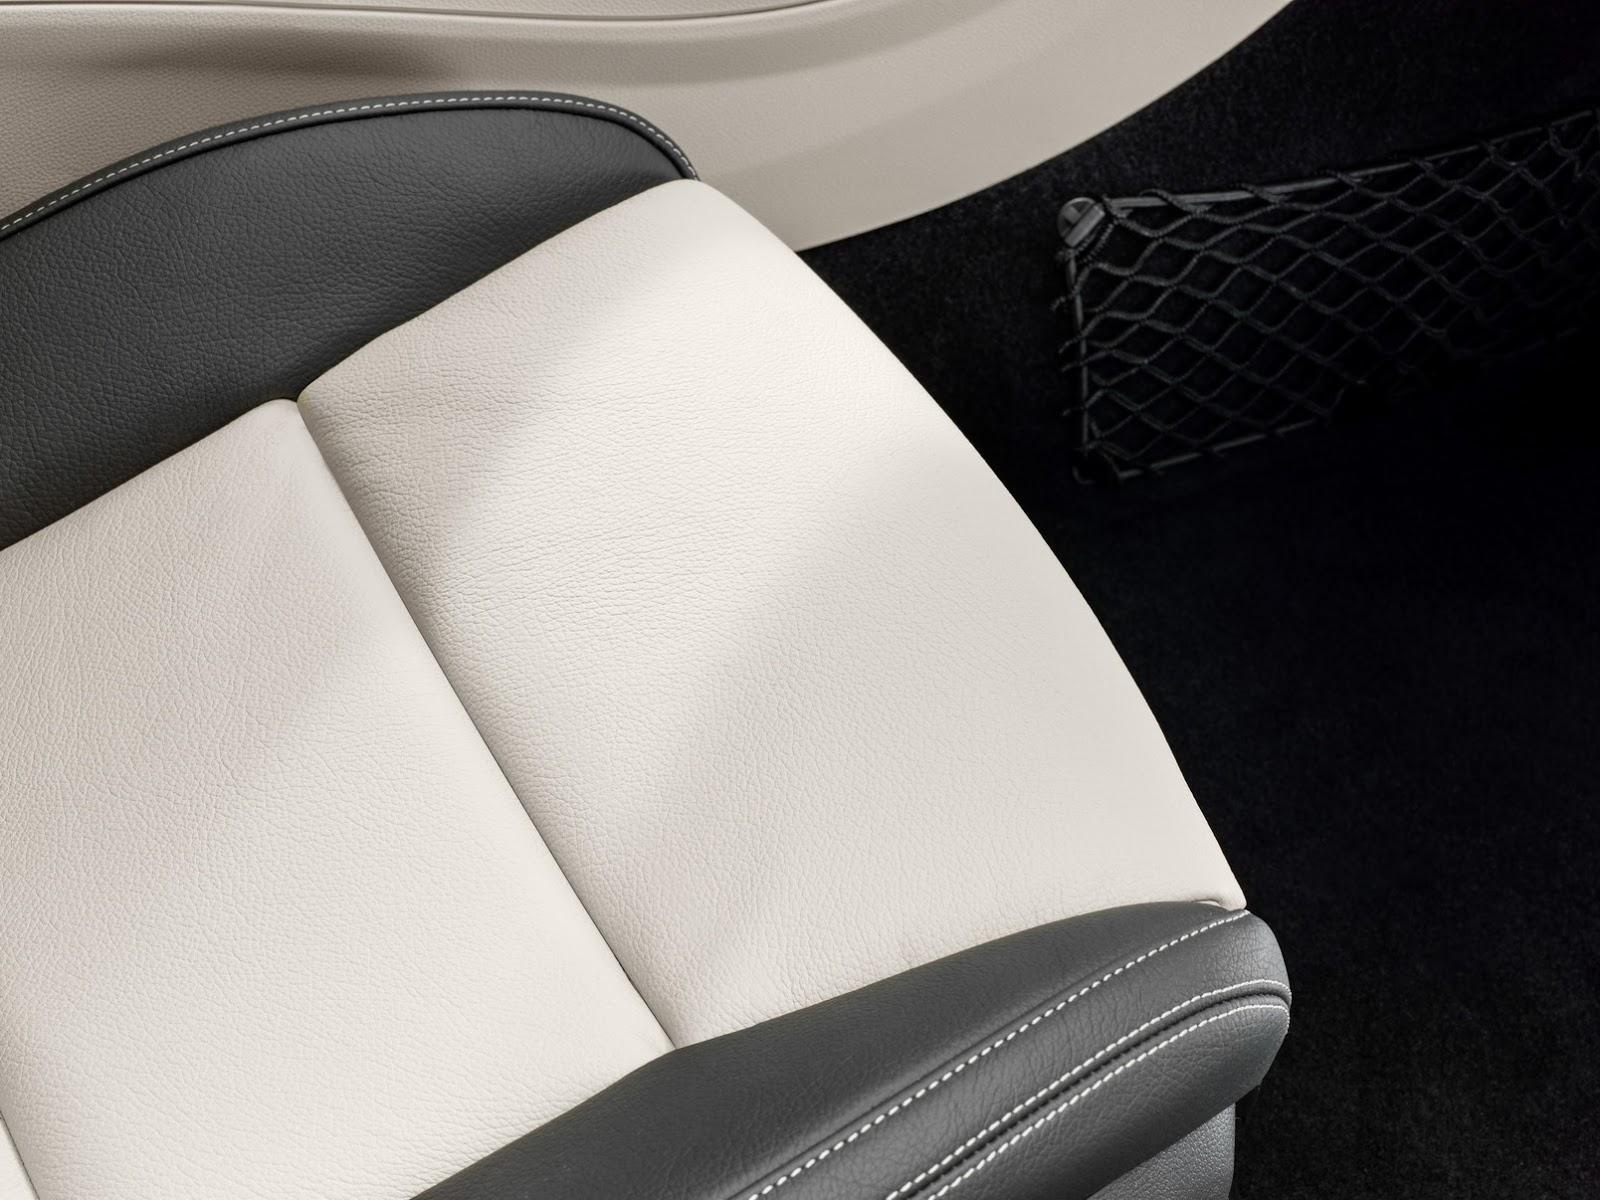 Mercedes GLA facelift and GLA 45 AMG facelift 2017 (65)